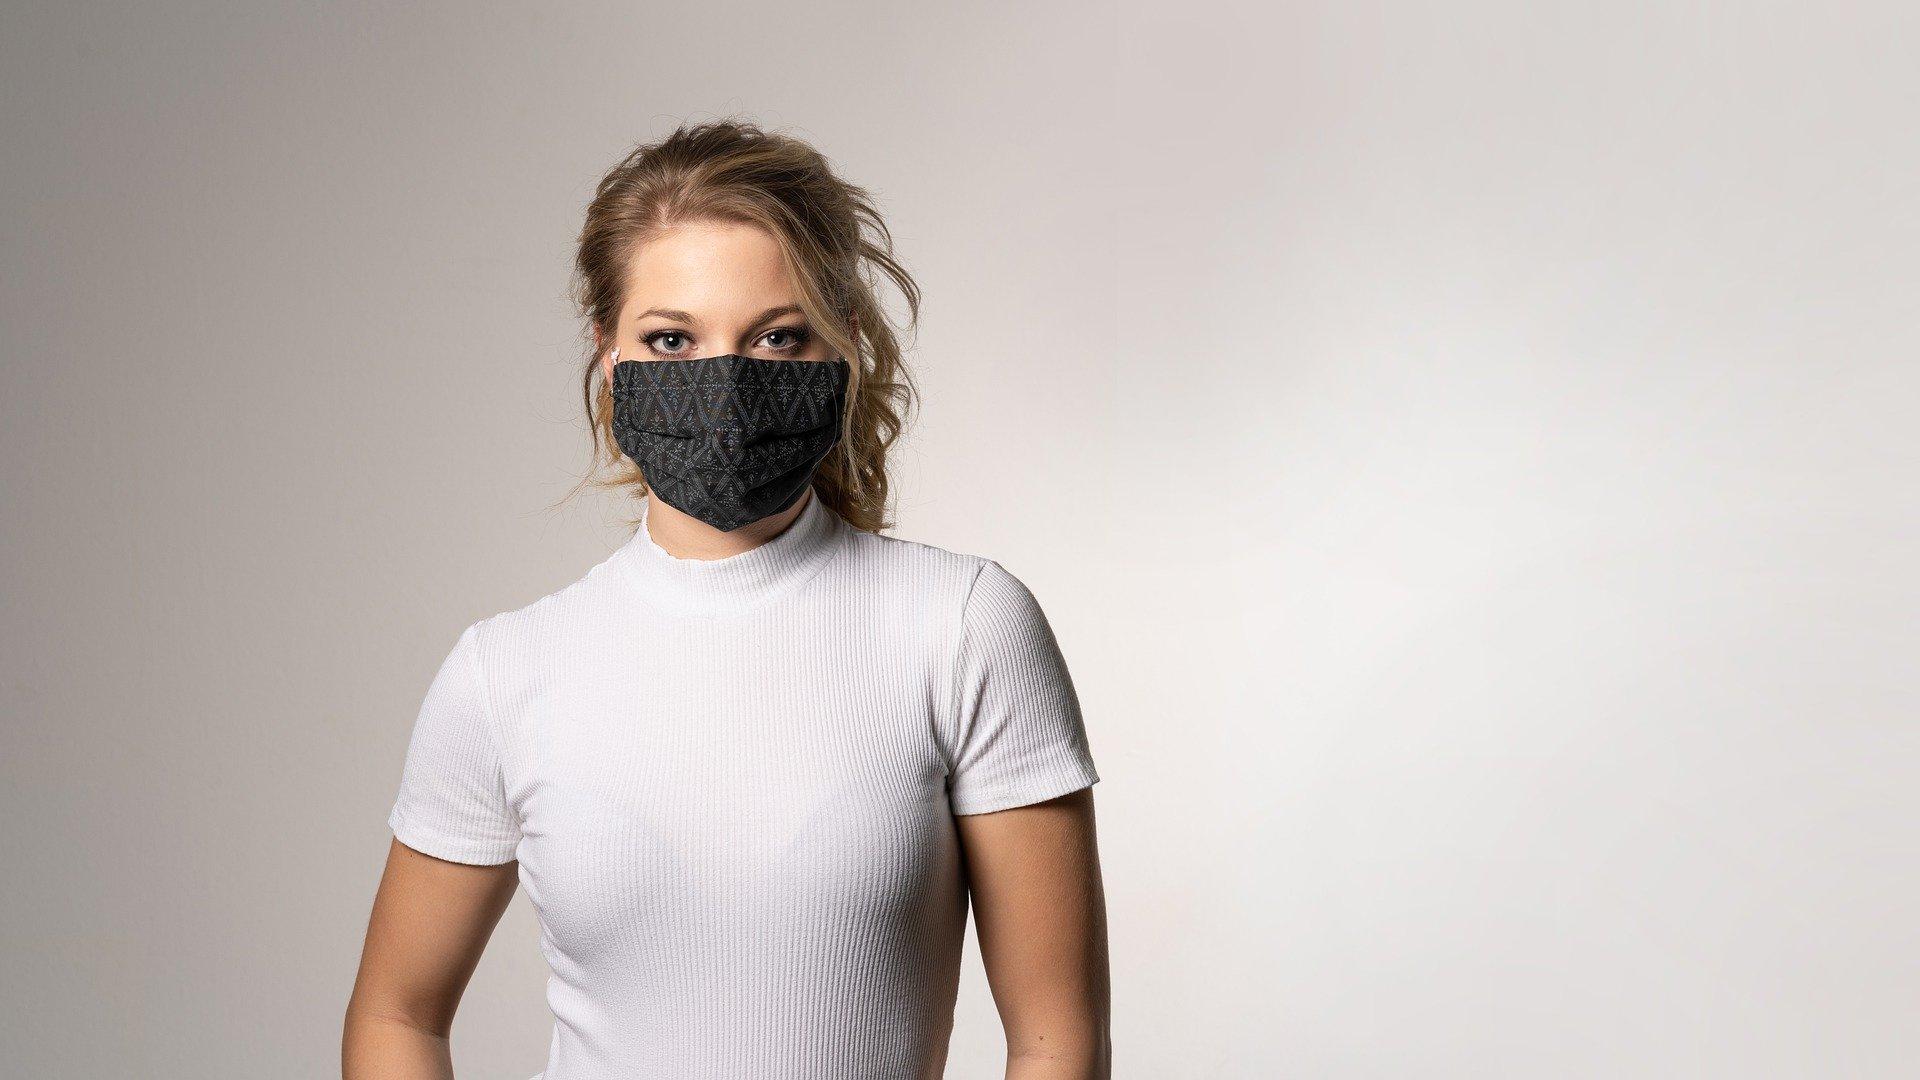 Procedimentos na parte superior da face crescem com uso de máscaras